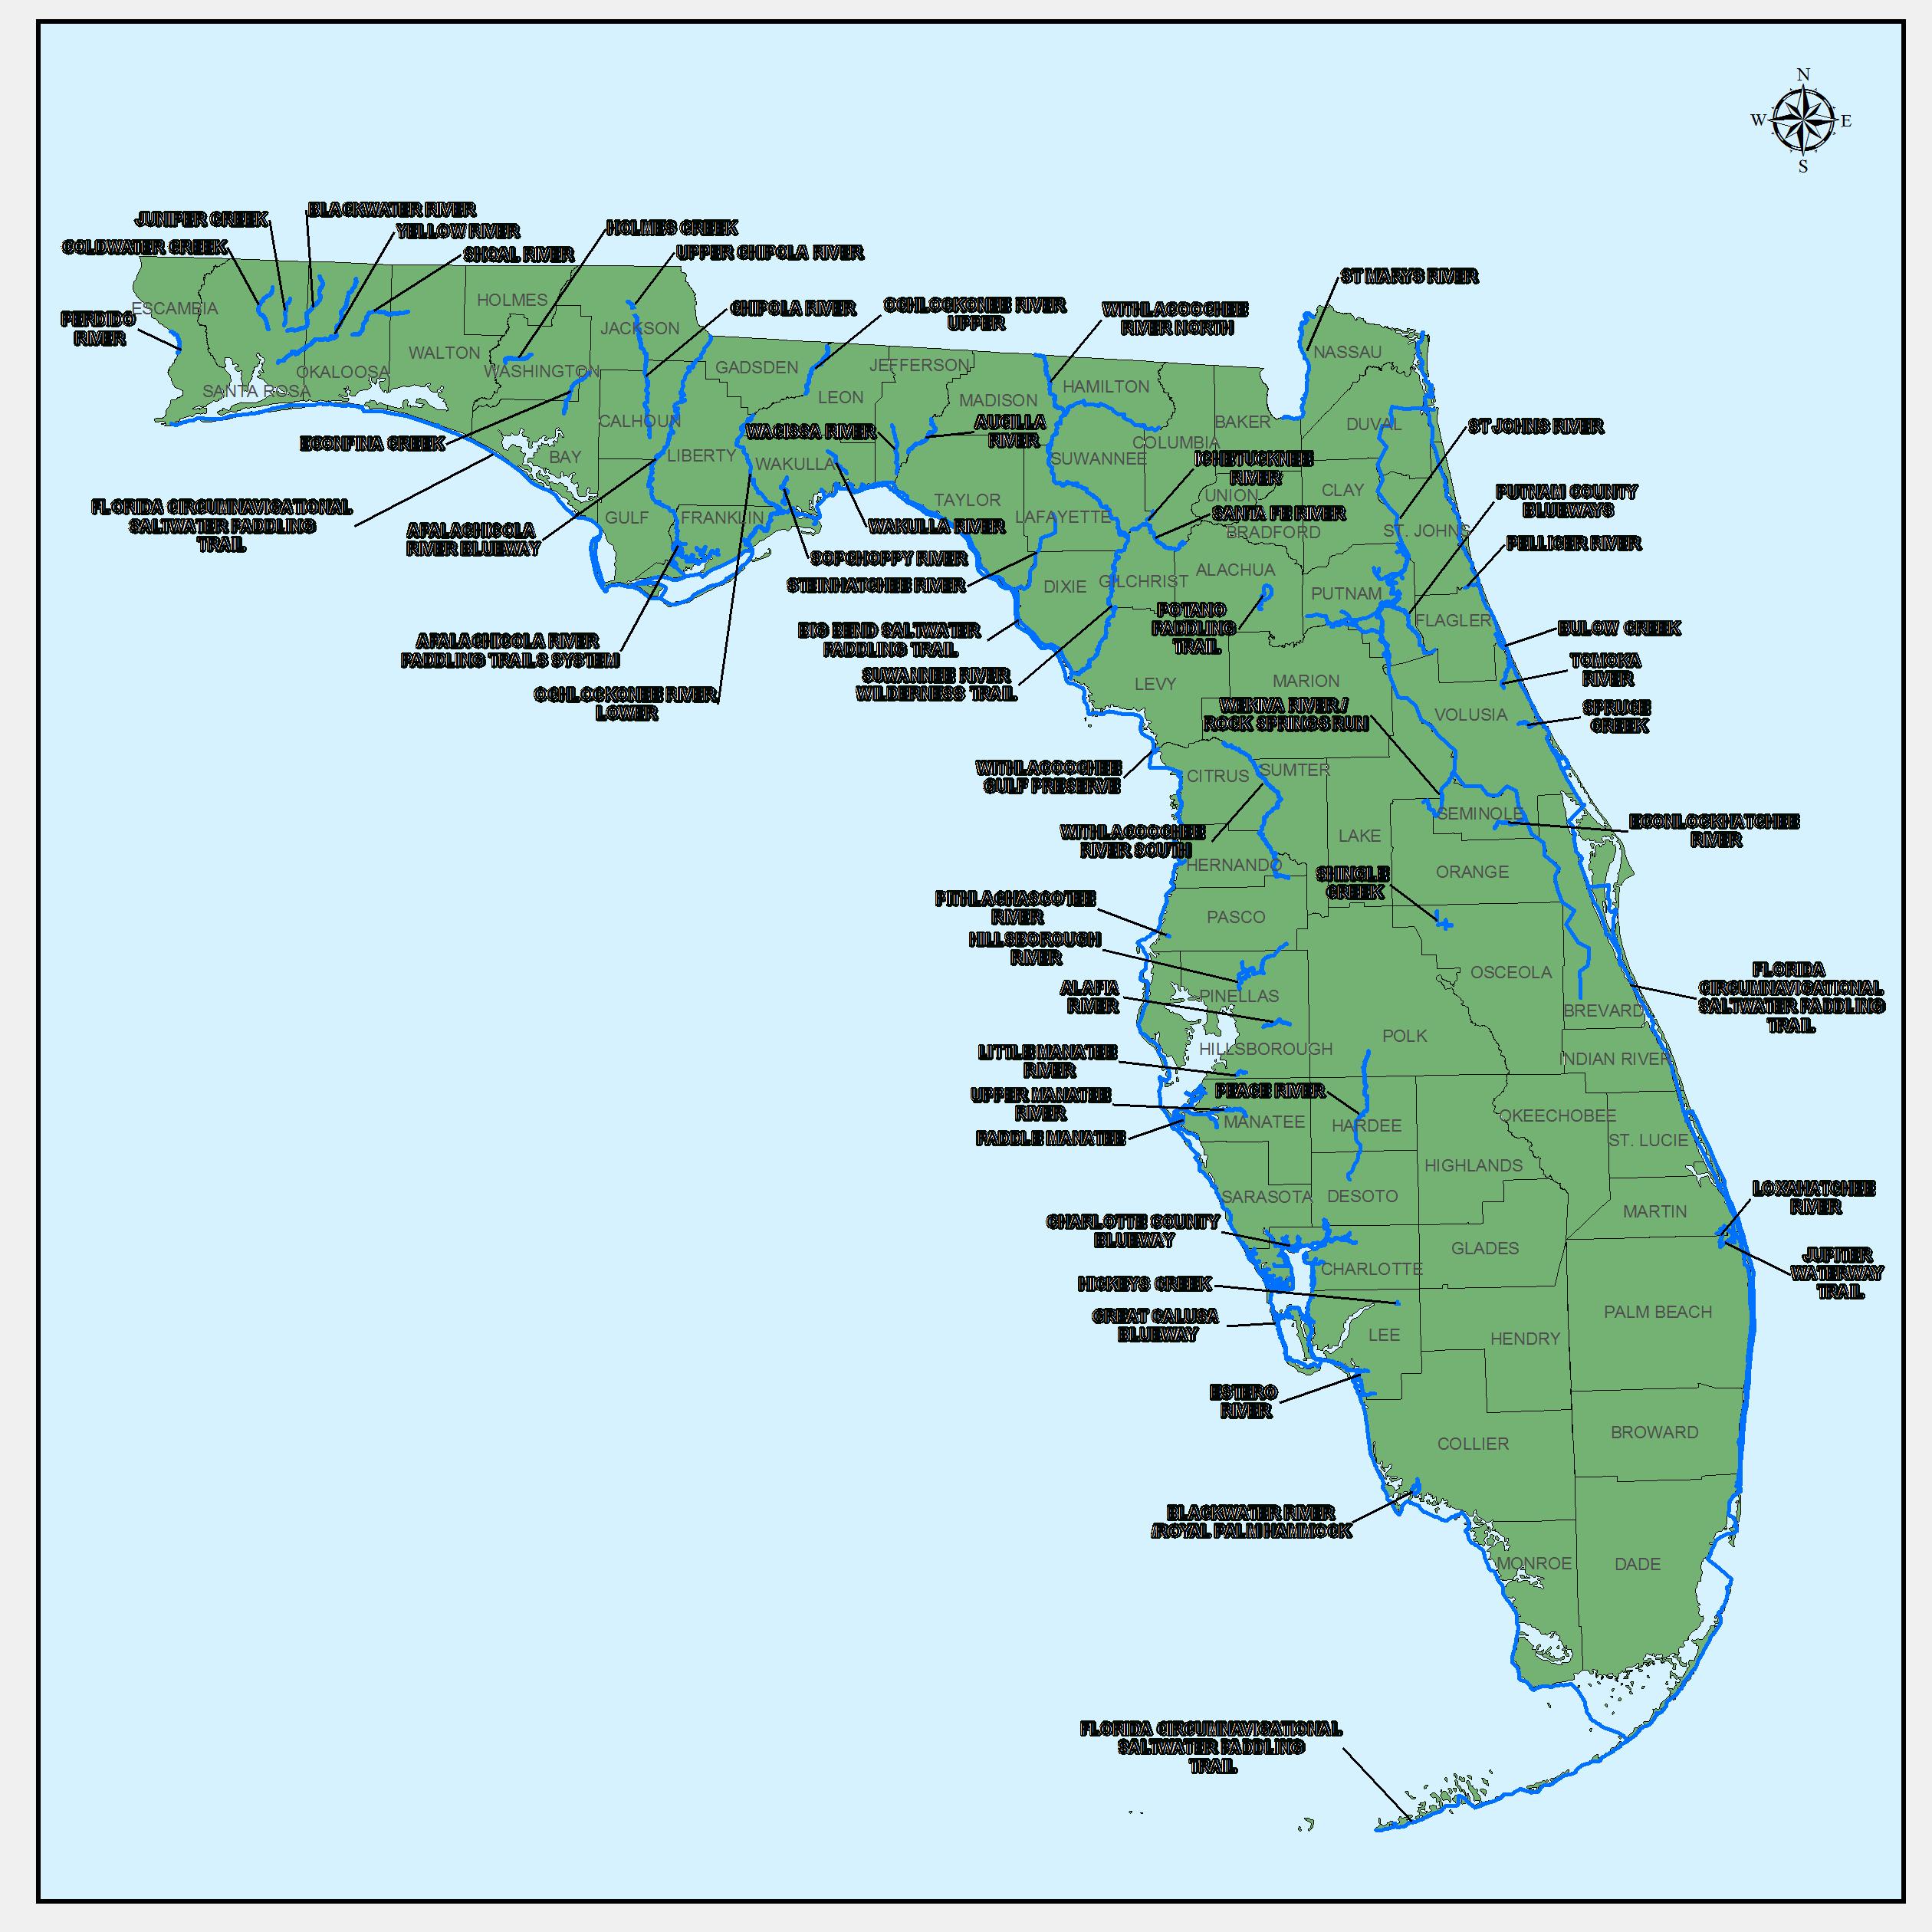 Designated Paddling Trails Map | Kayaking | Kayaking, Trail, Paddle - Florida Paddling Trail Maps